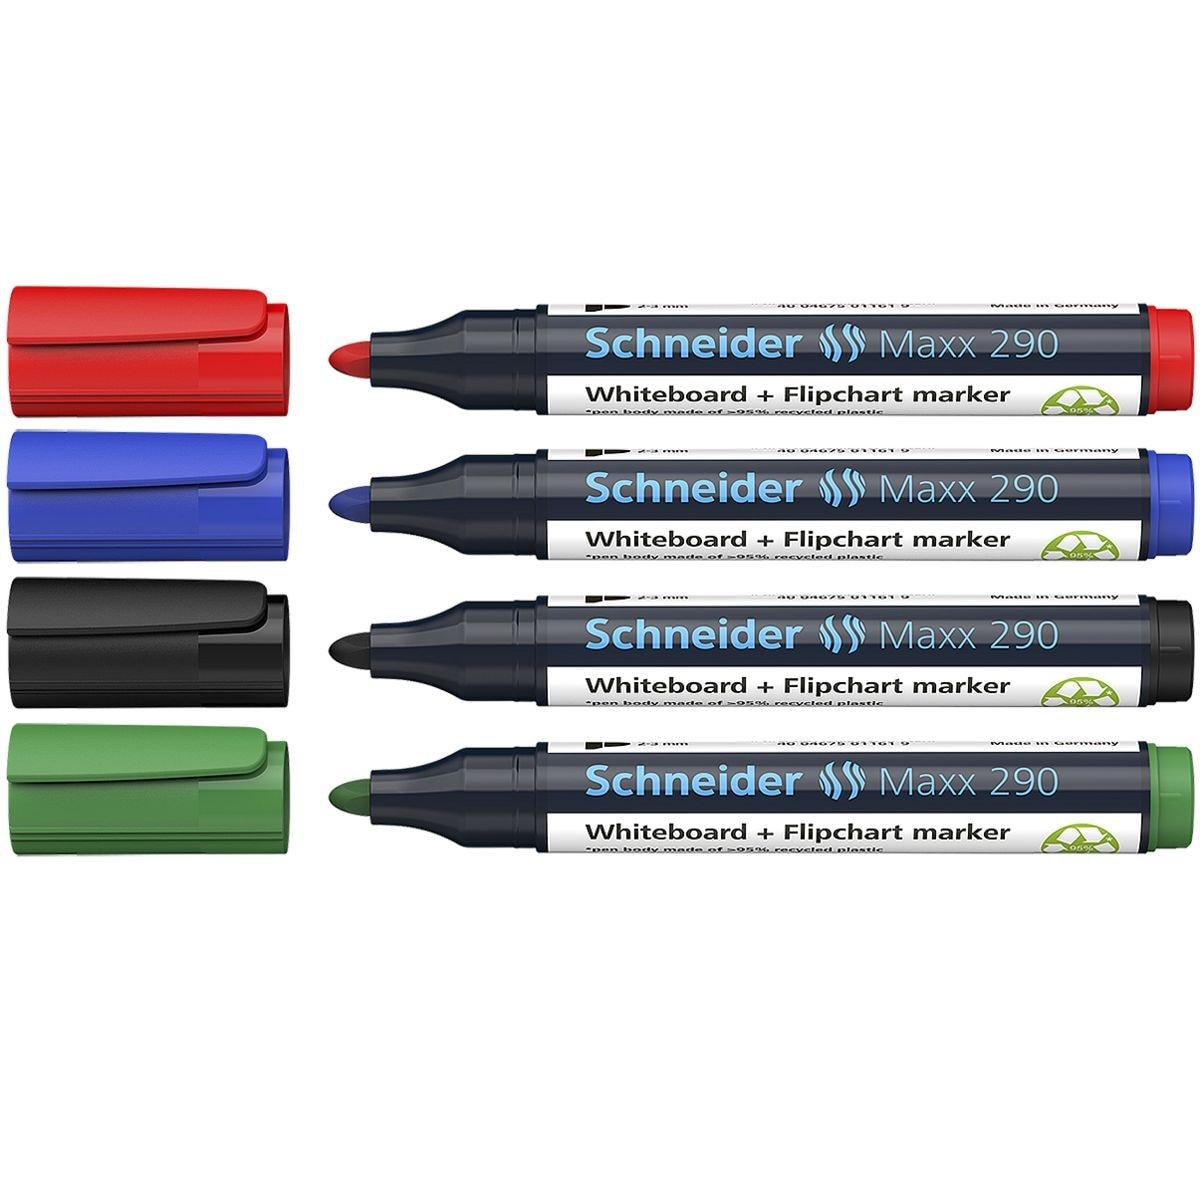 Schneider Etui met 4 whiteboard & flipchartmarkers  »Maxx 290«